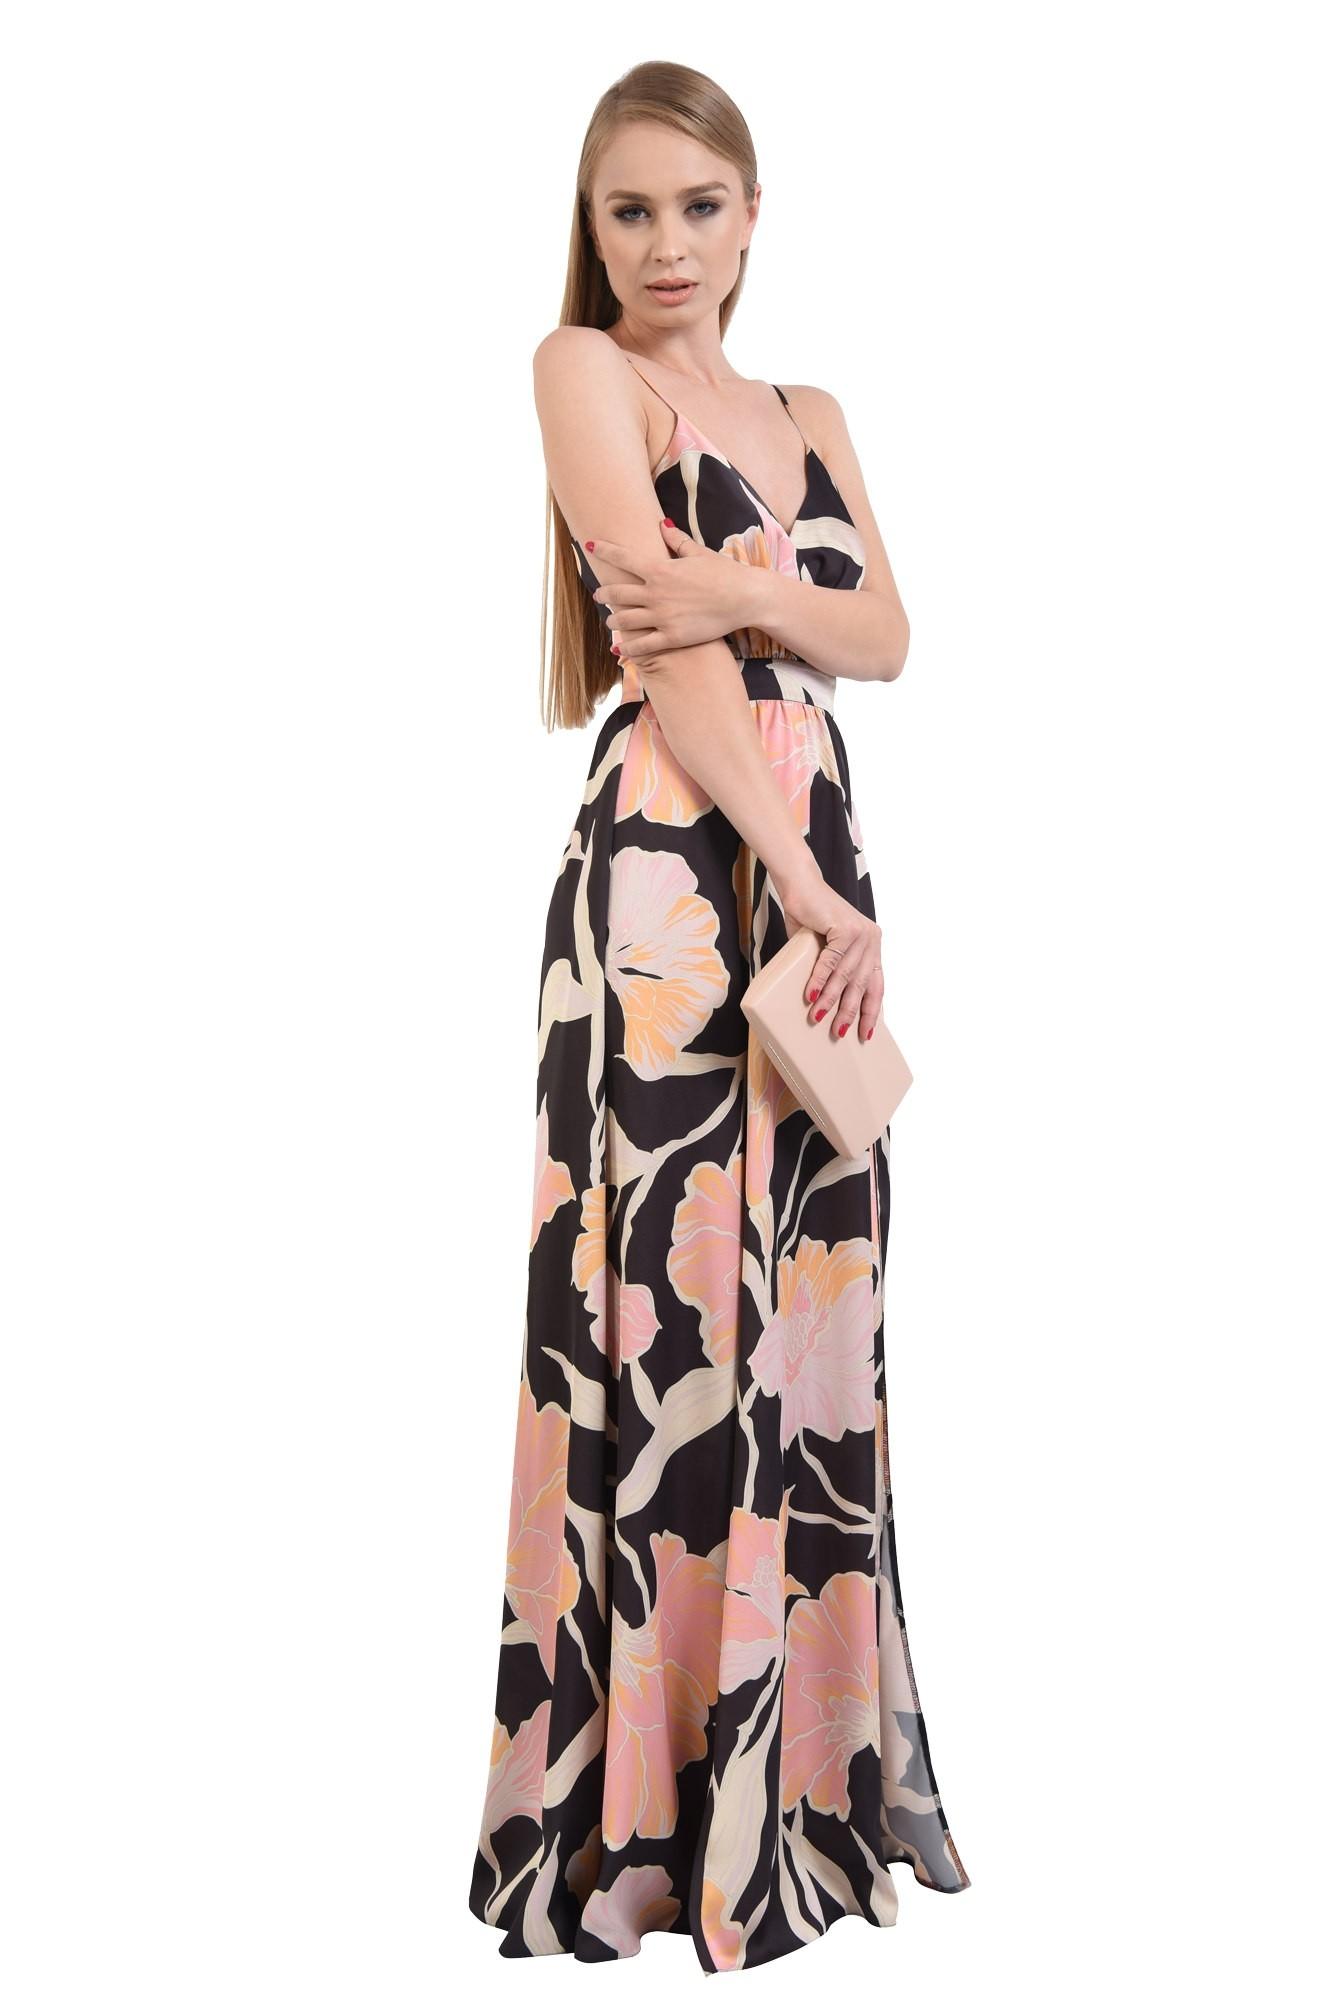 0 - rochie de ocazie, maxi, croi clos, imprimeu floral